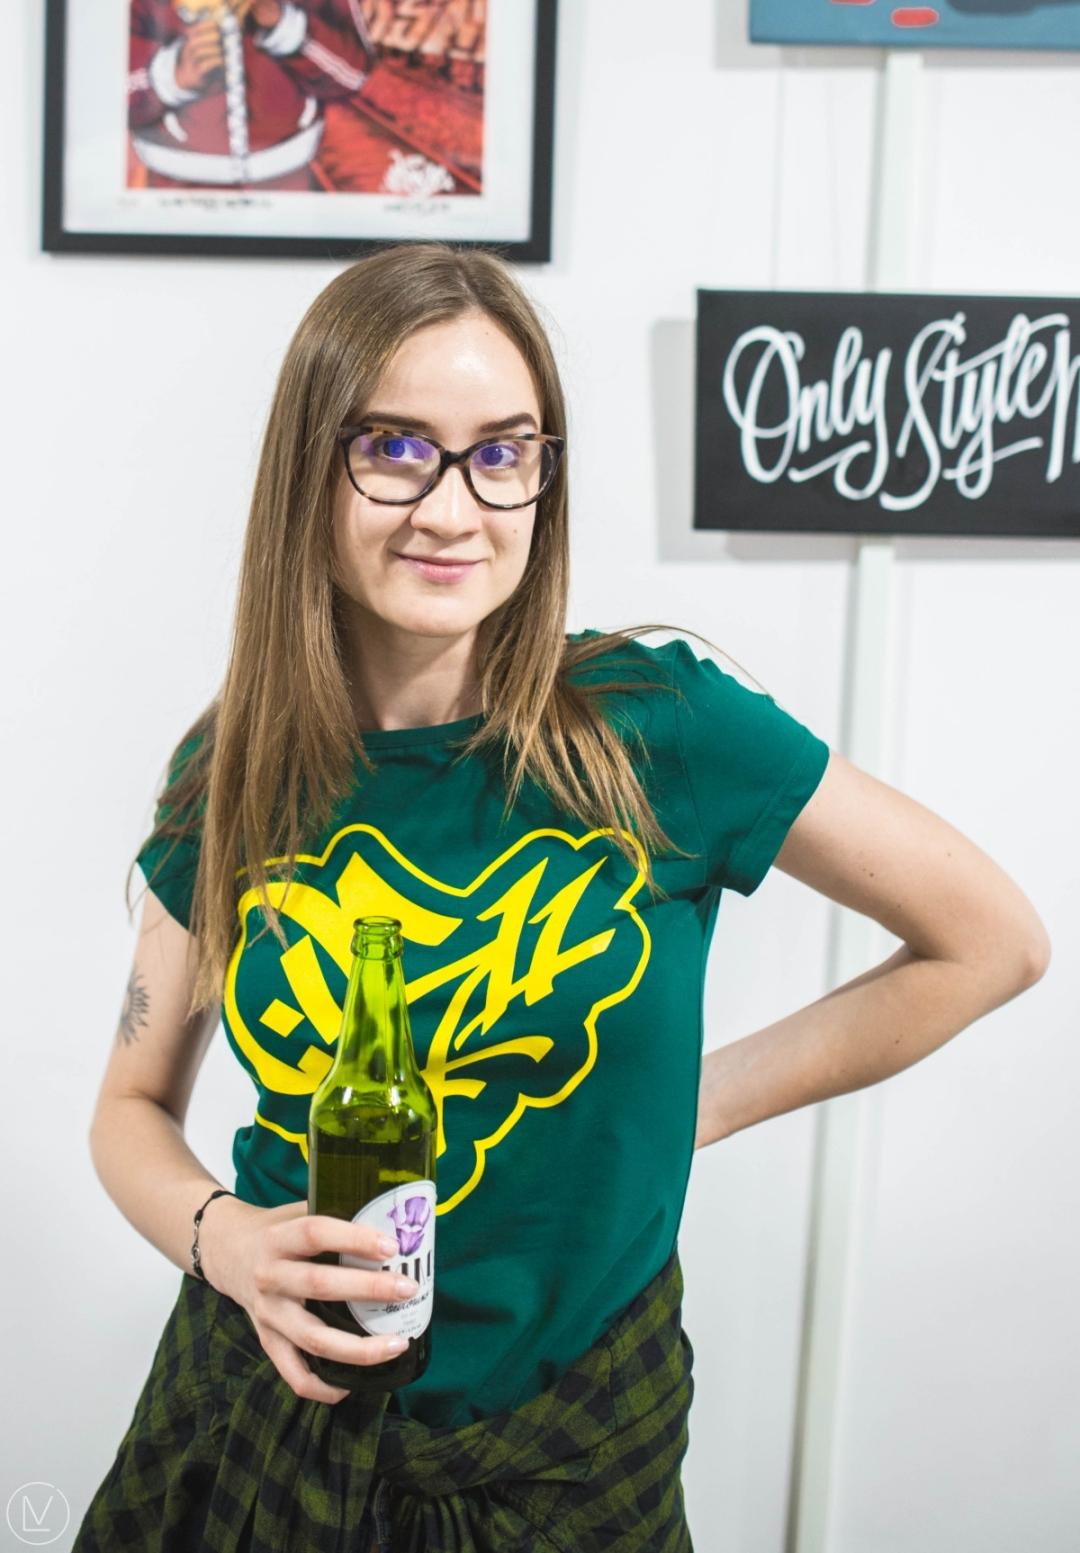 0511 Organic Streetwear Sofia Only Style Matters graffiti